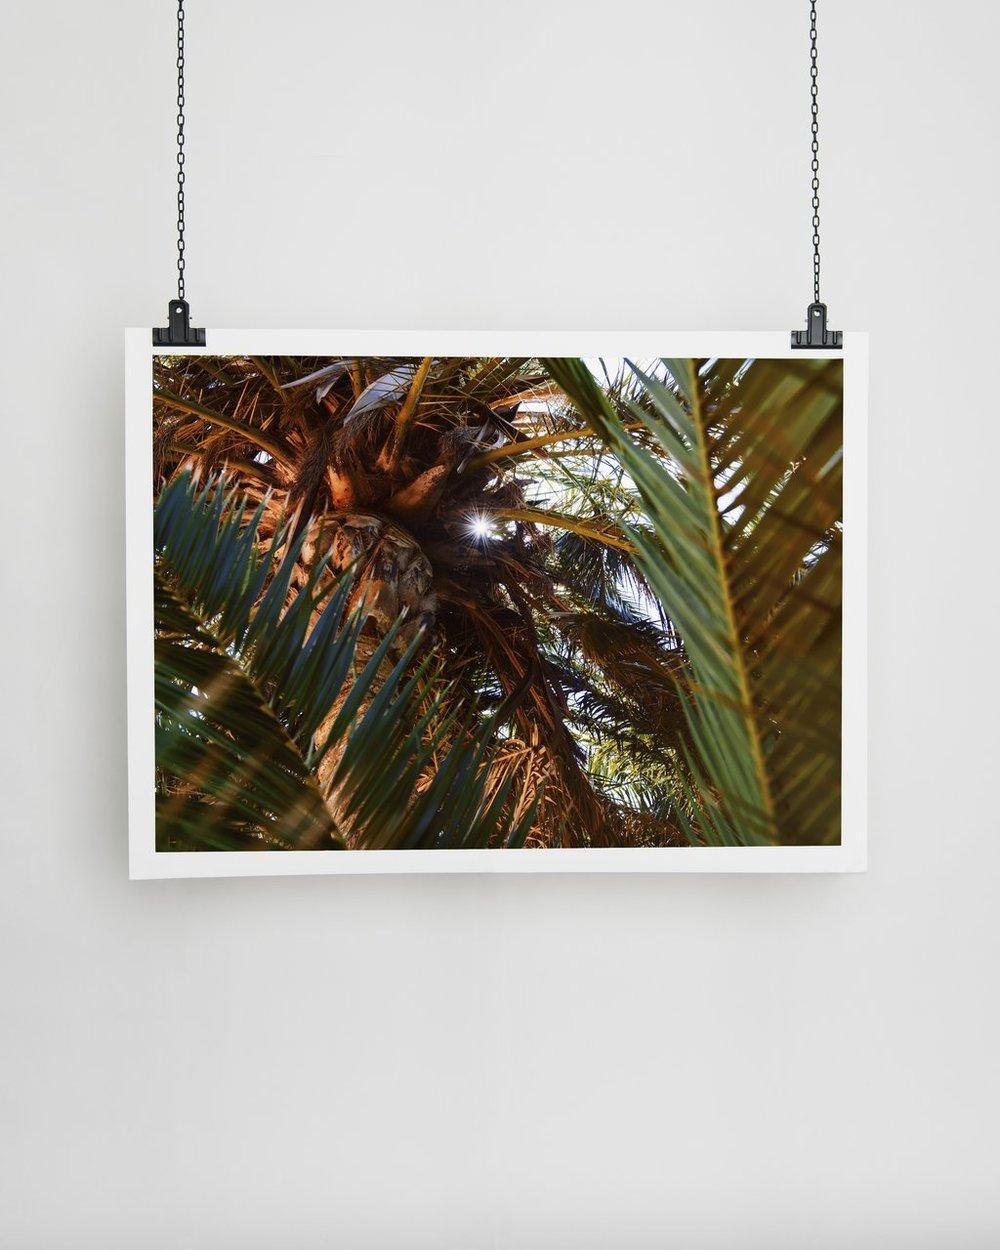 SOF PALM TREES II   Julia-Rosa Reis  50x70 cm  €189.30 EUR